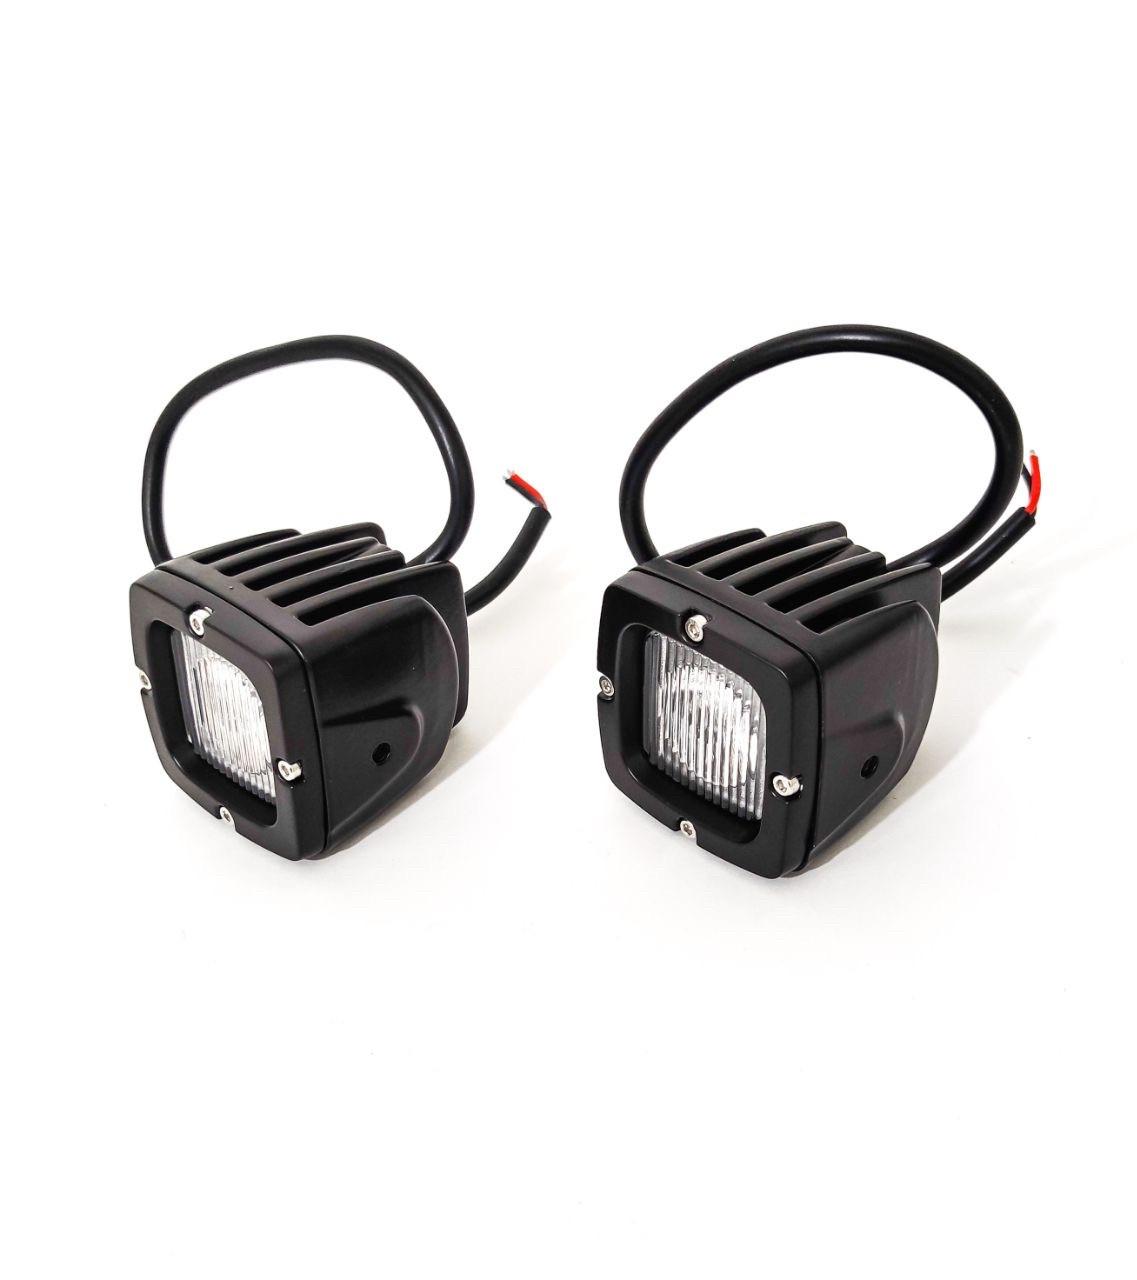 Дополнительная светодиодная фара для автомобилей 1 CREE XM-L T6 10W